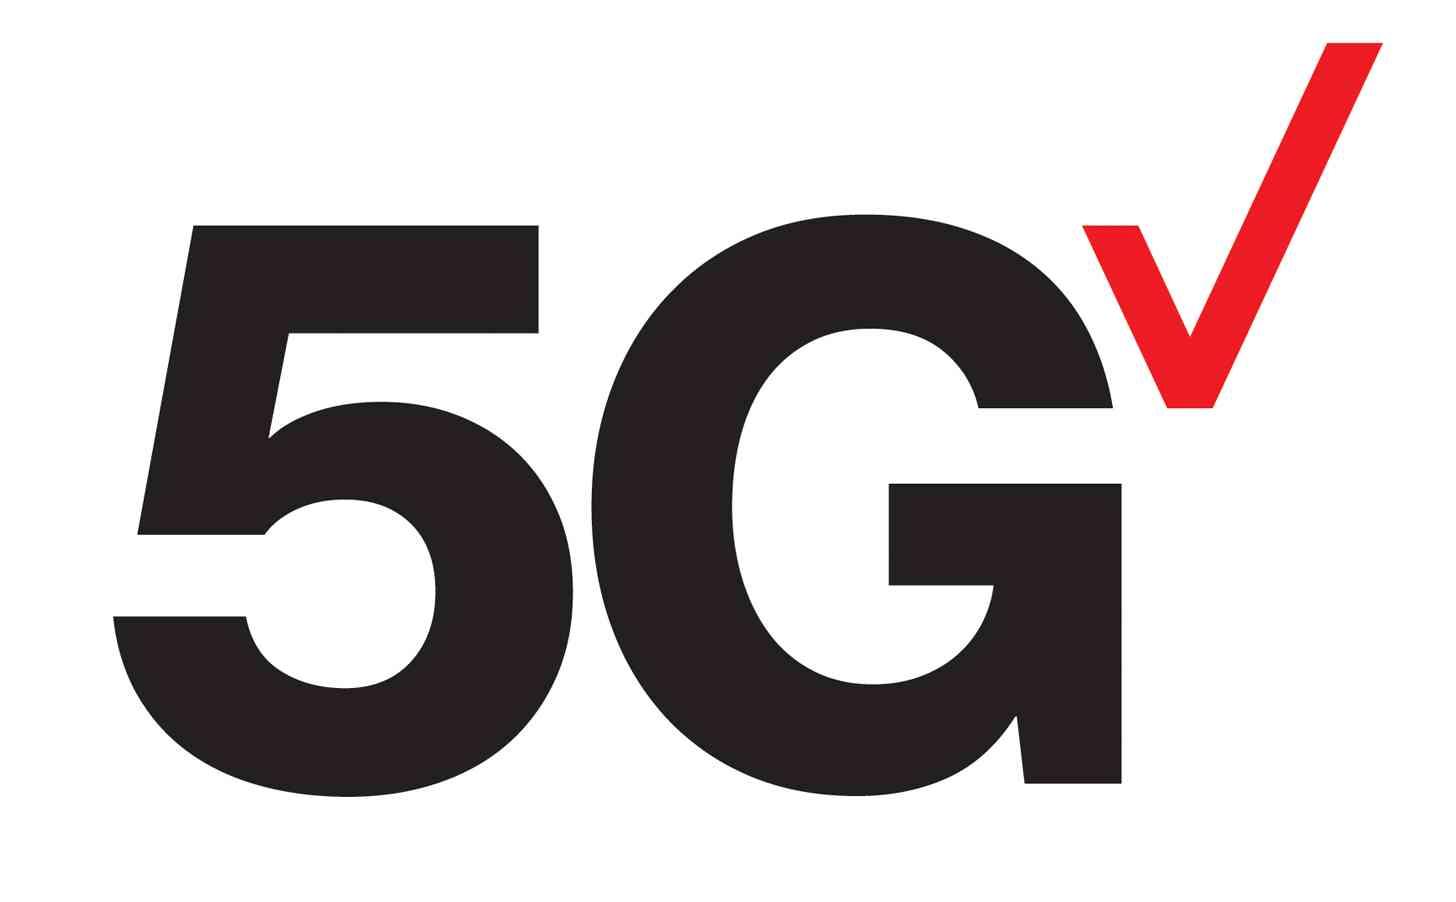 Verizon 5G logo official